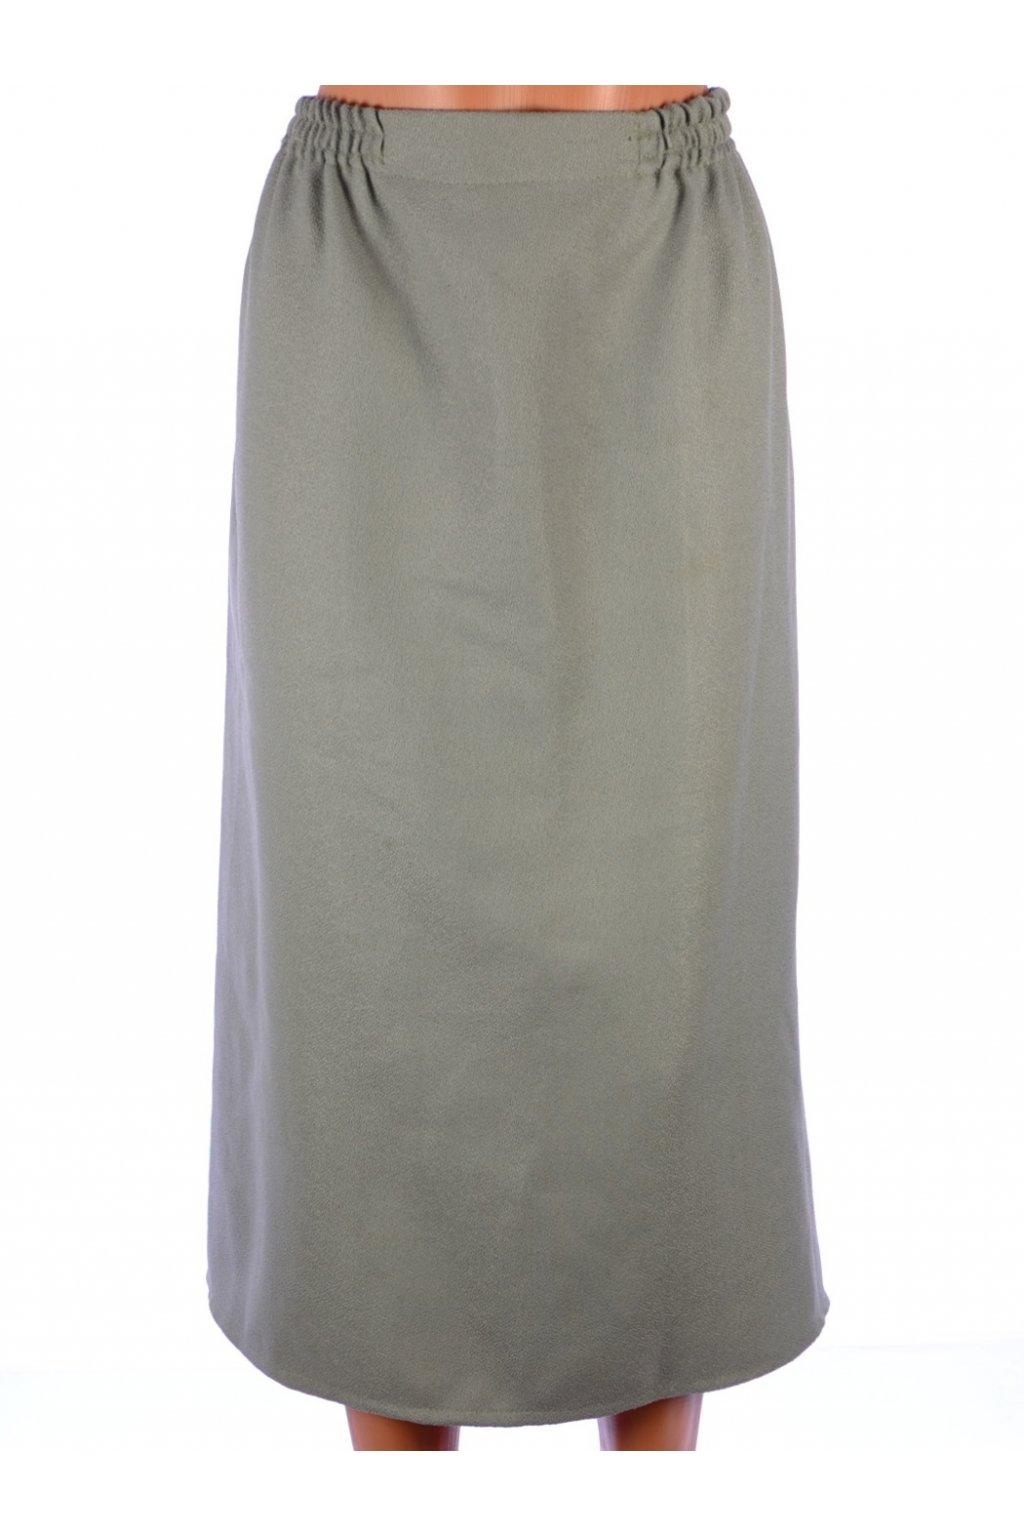 Sukně Image světlá khaki dlouhá vel. XL